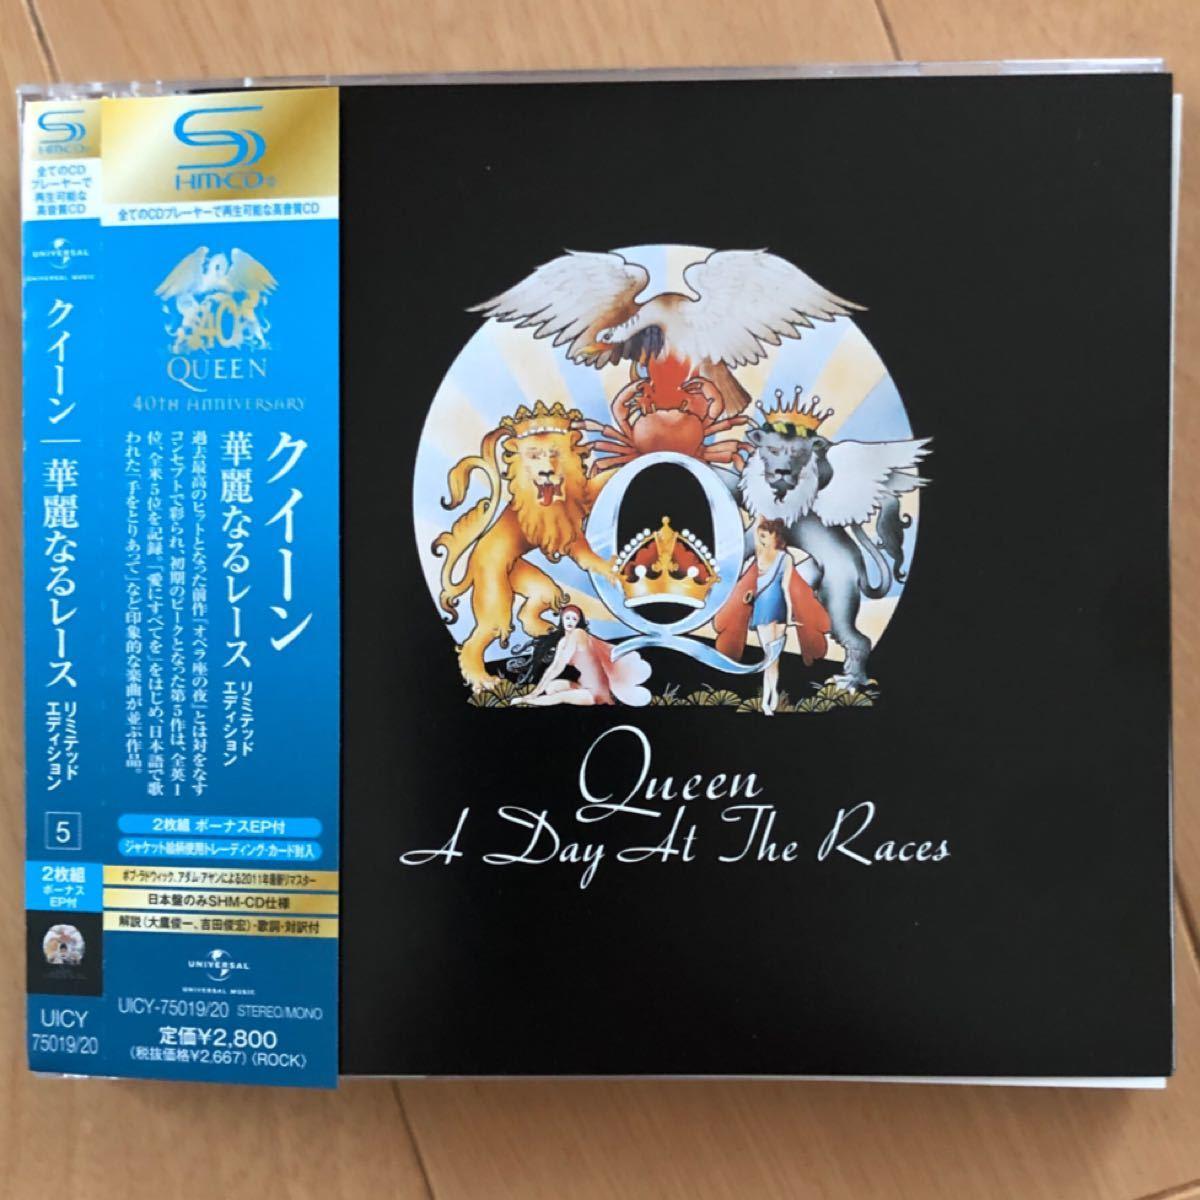 クイーン 華麗なるレース   SHM-CD リミテッドバージョン